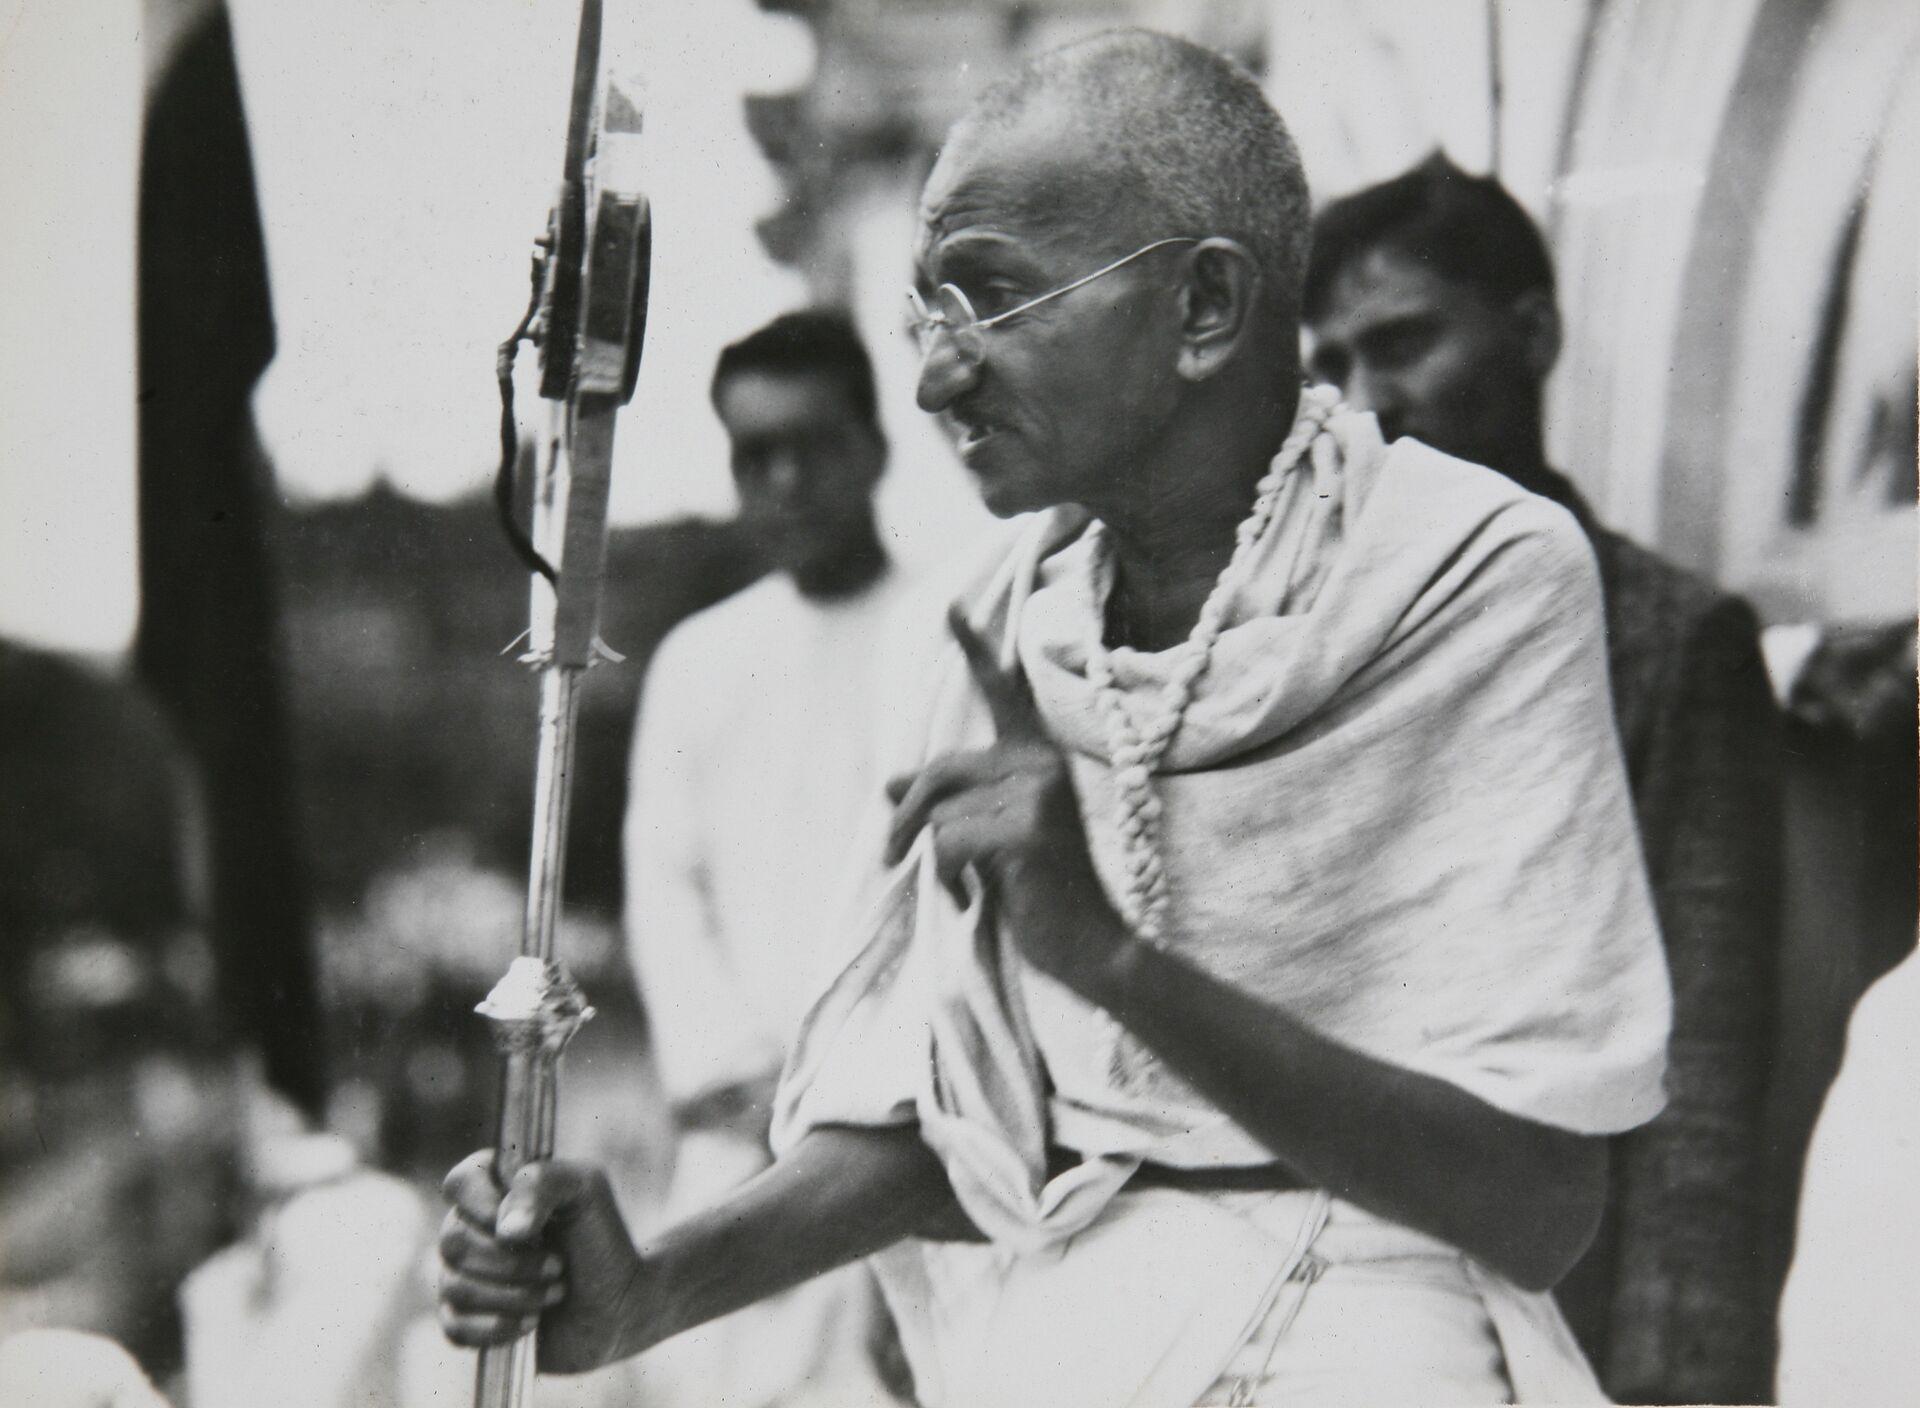 Один из руководителей и идеологов движения за независимость Индии от Великобритании Махатма Ганди - РИА Новости, 1920, 29.10.2020